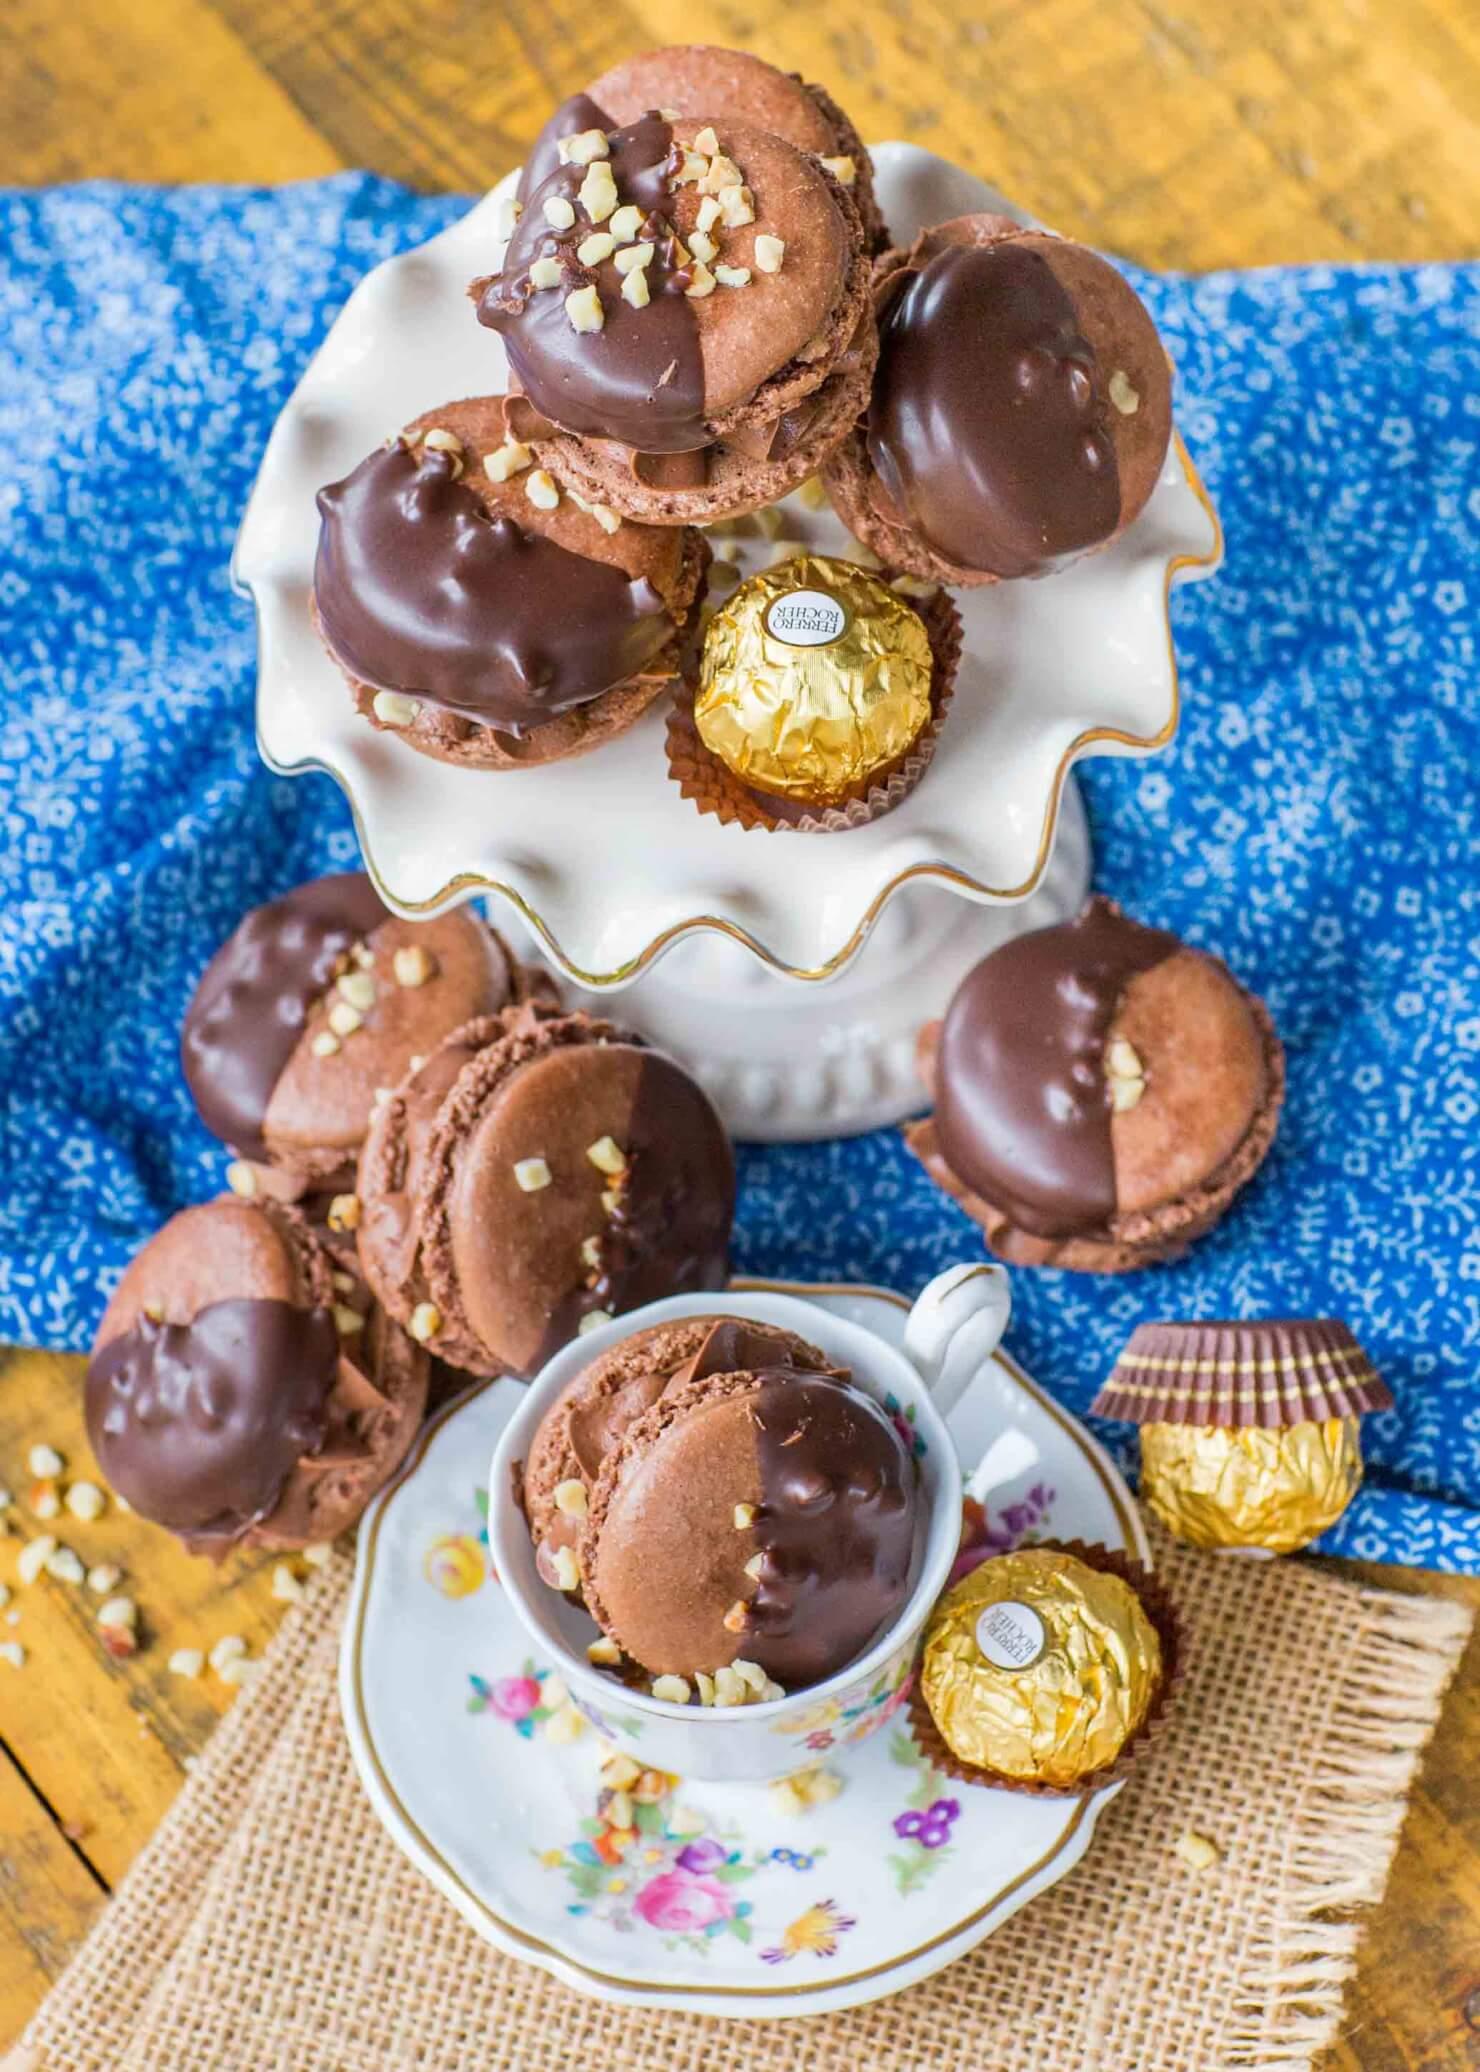 hazelnut chocolate macarons with ferrero rocher